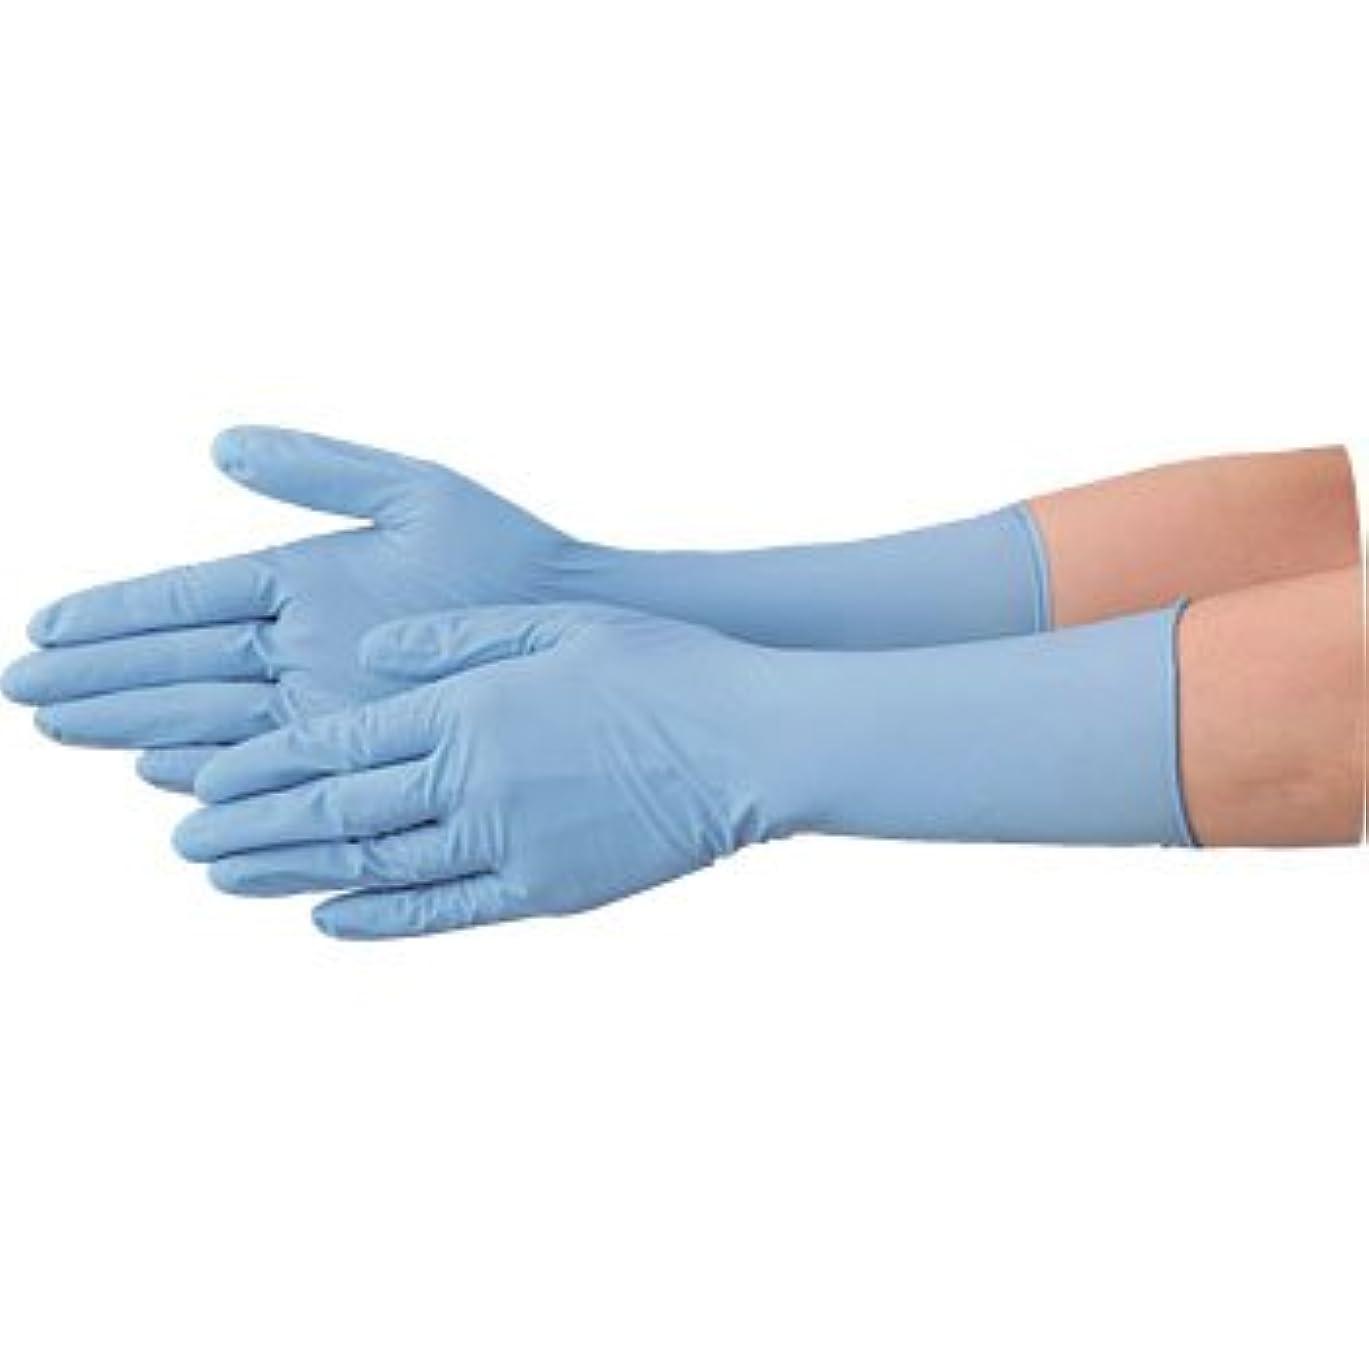 バリケード野球びん使い捨て 手袋 エブノ 528 ニトリル ロング手袋 パウダーフリー 全長29cm ブルー Sサイズ 2ケース(100枚×40箱)